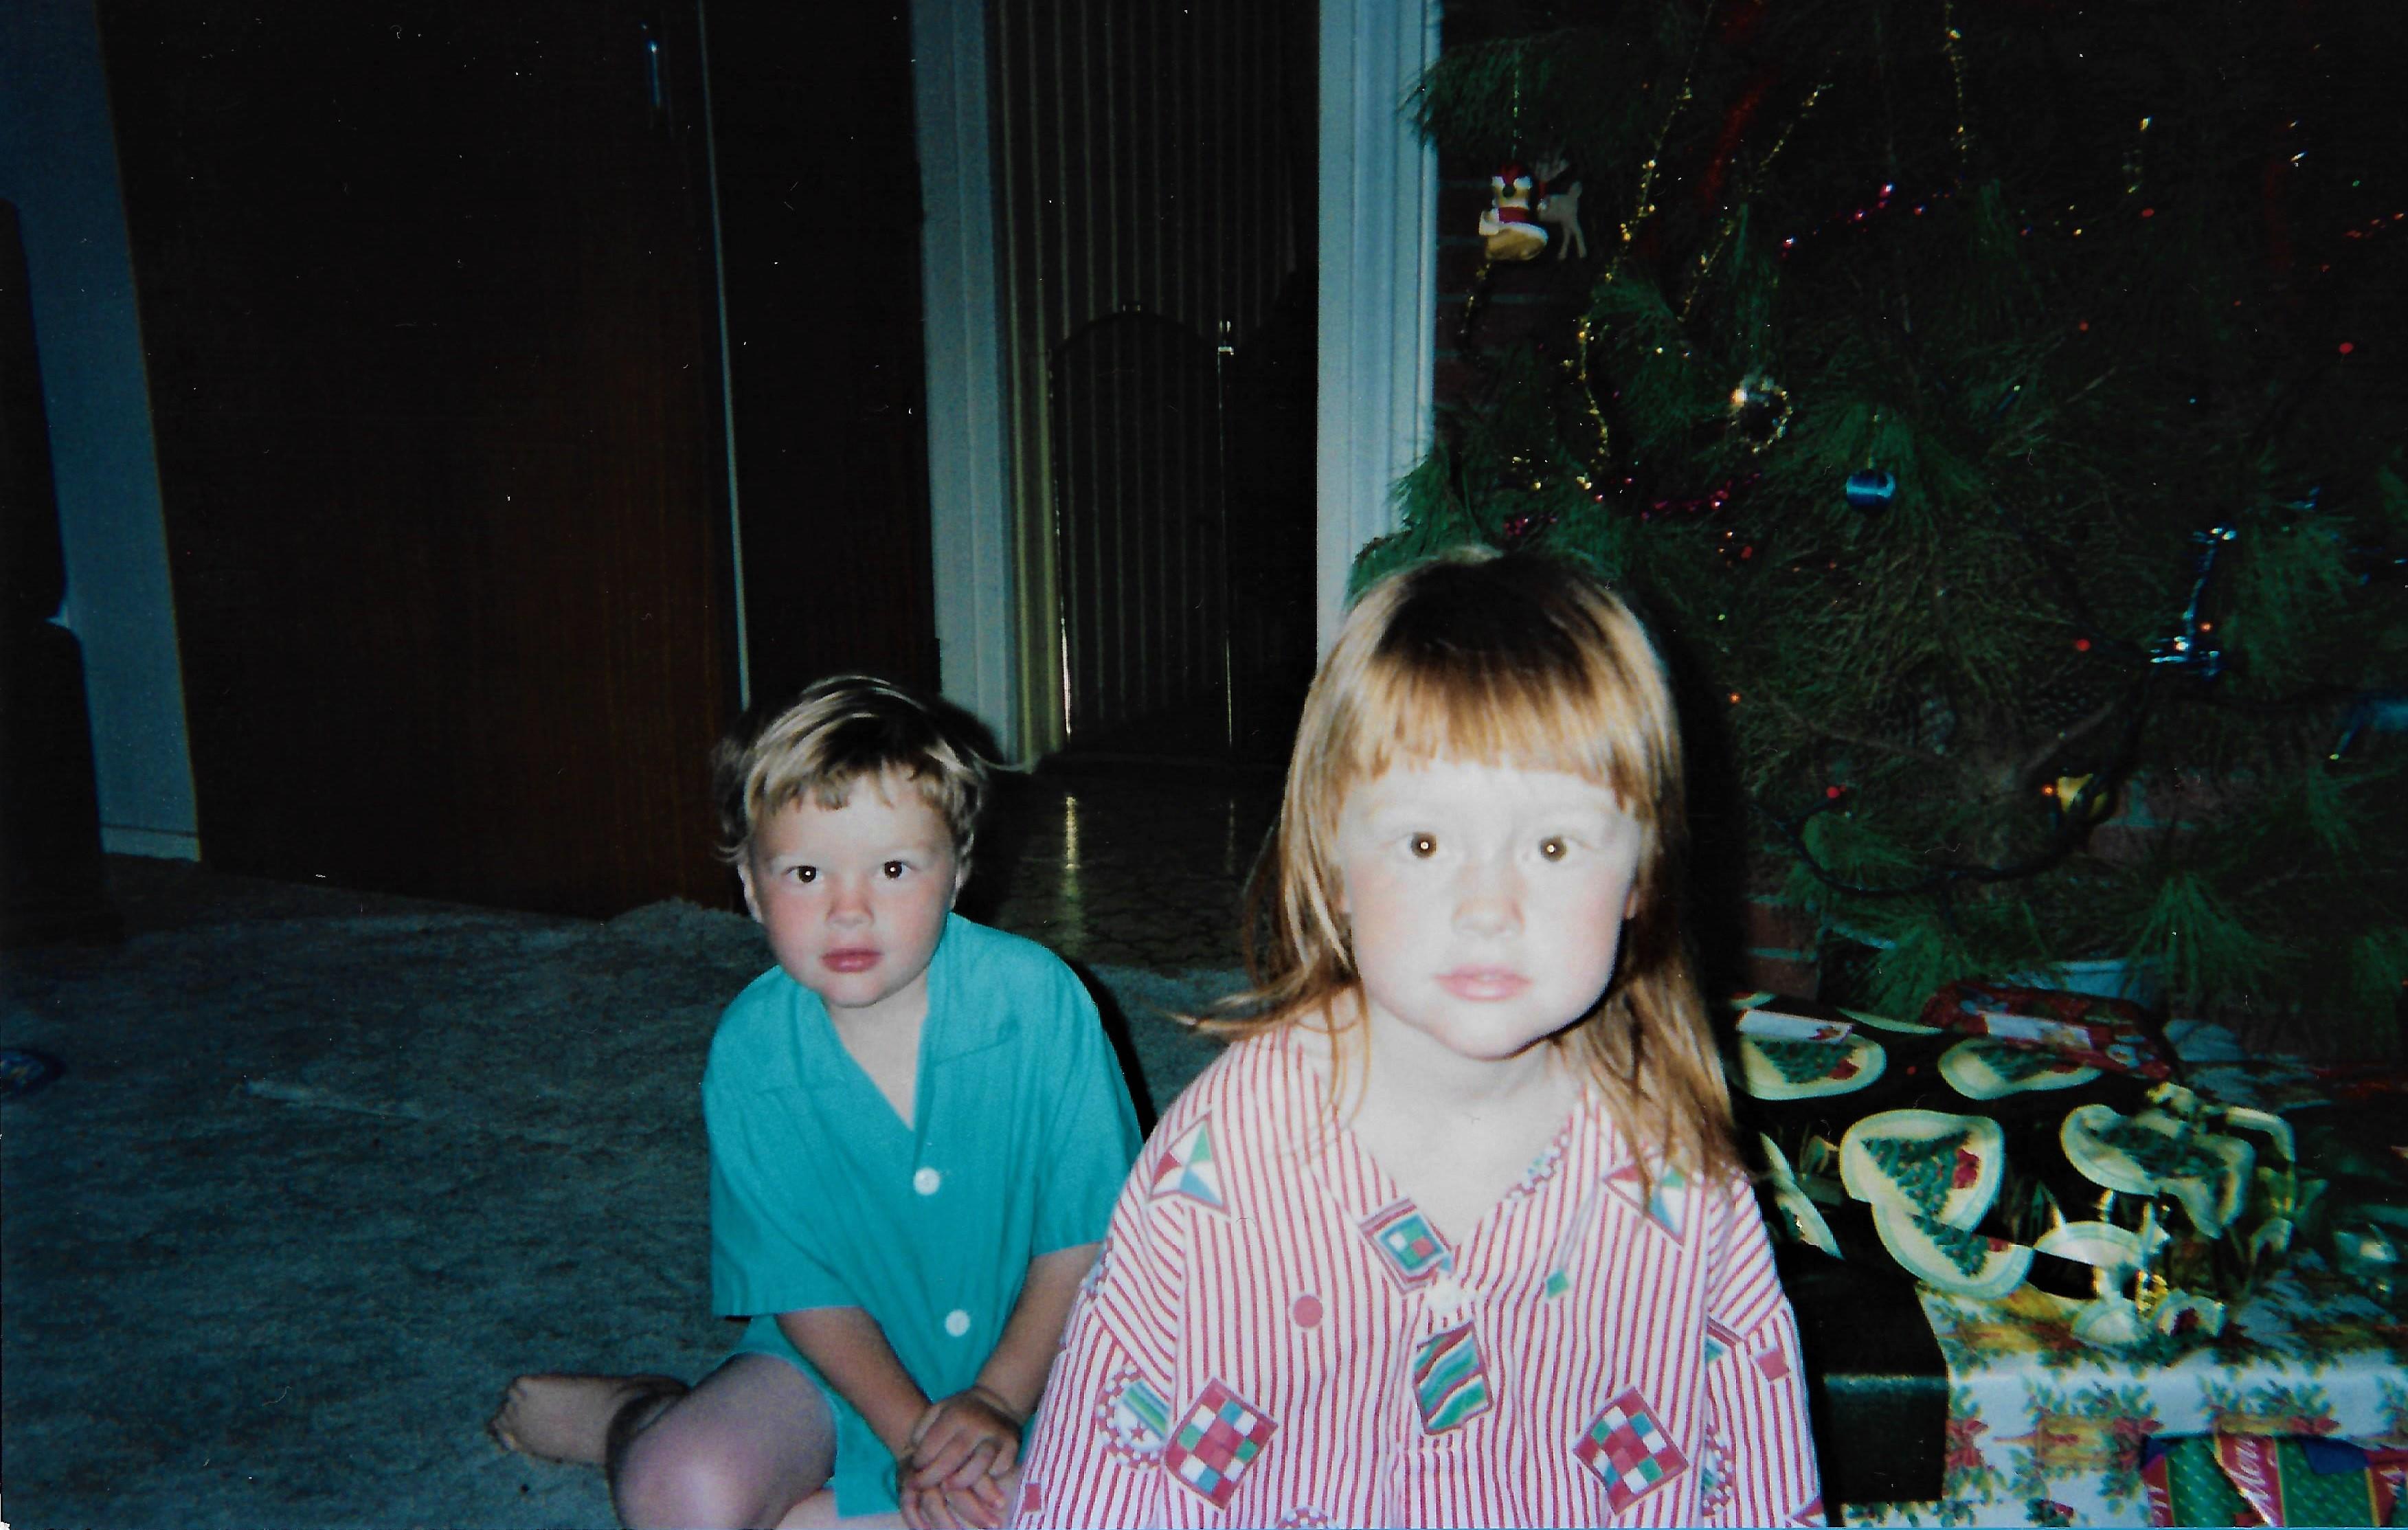 Christmas 2002, My Sister and I